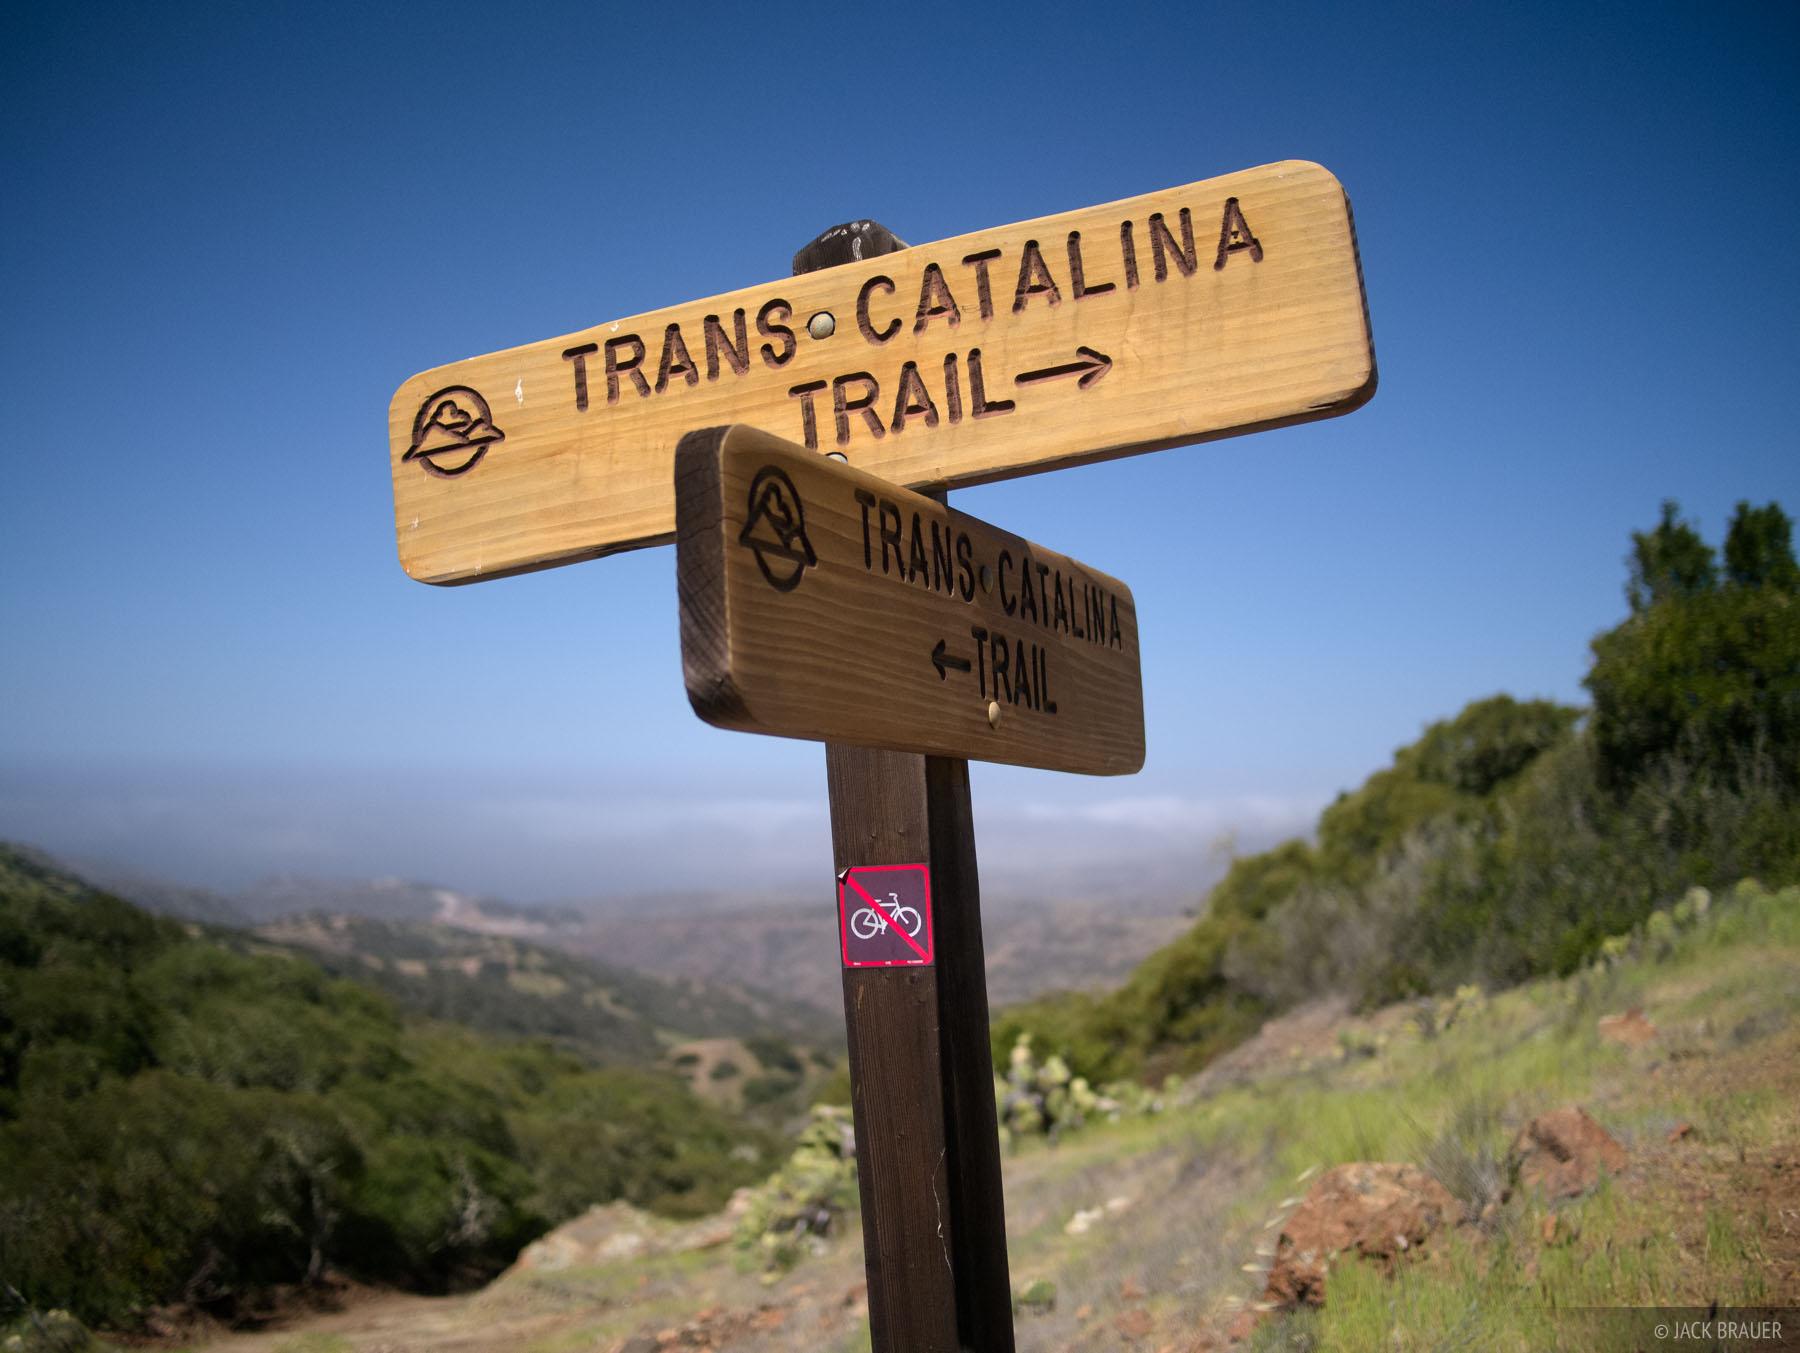 Trans Catalina Trail, Catalina Island, California, photo